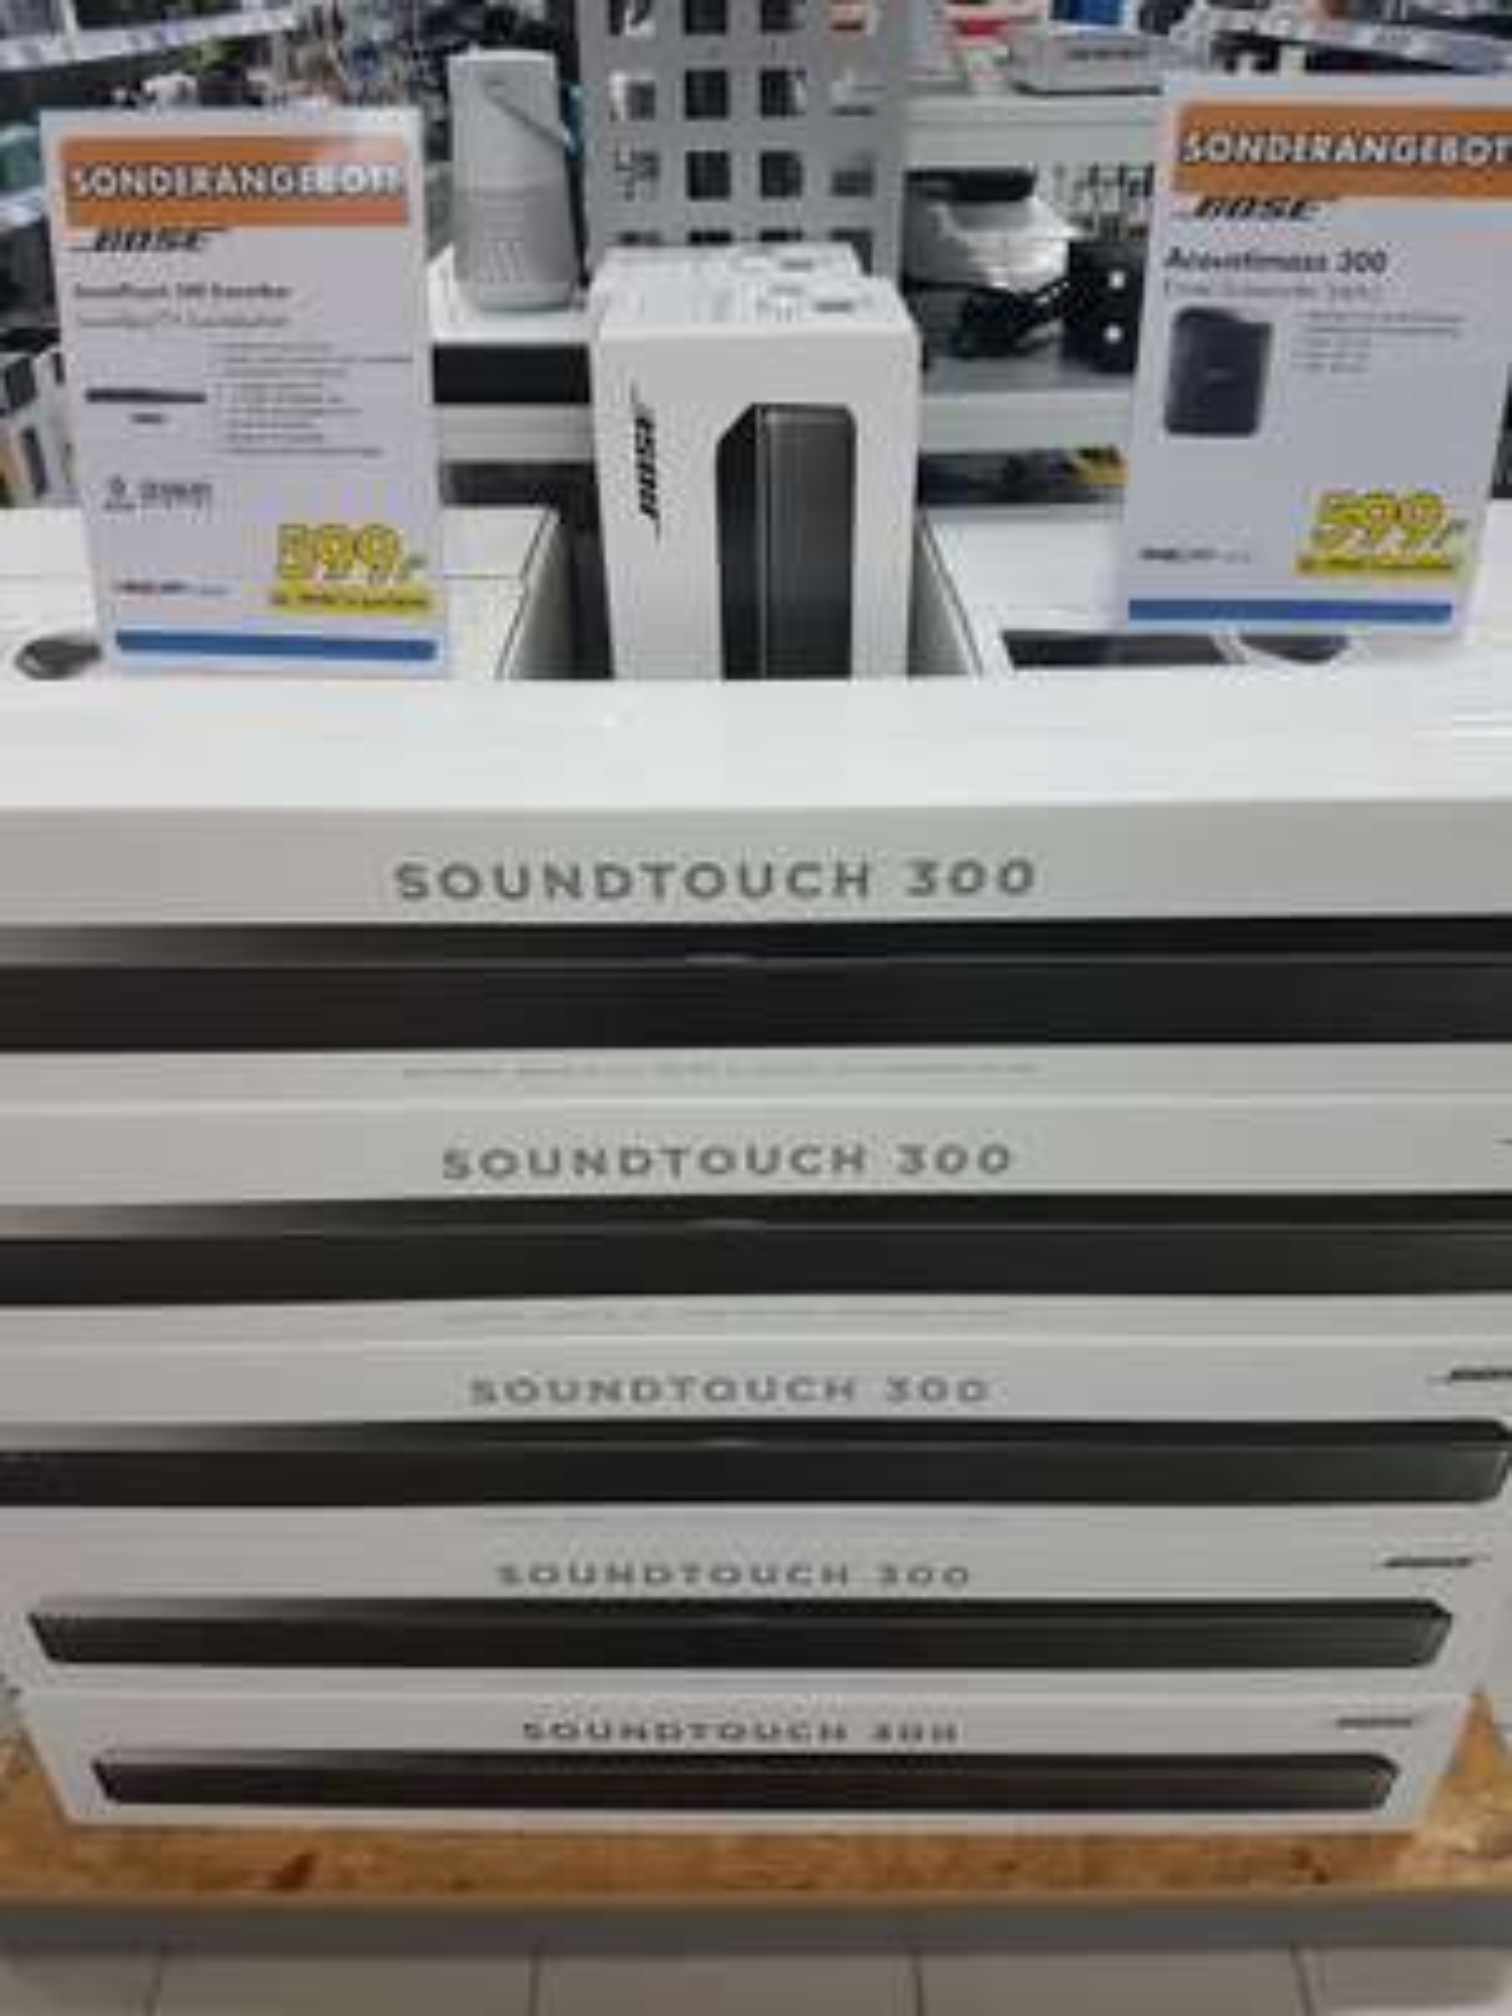 Bose SoundTouch 300 und Acoustimass 300 jeweils 599€ auch online